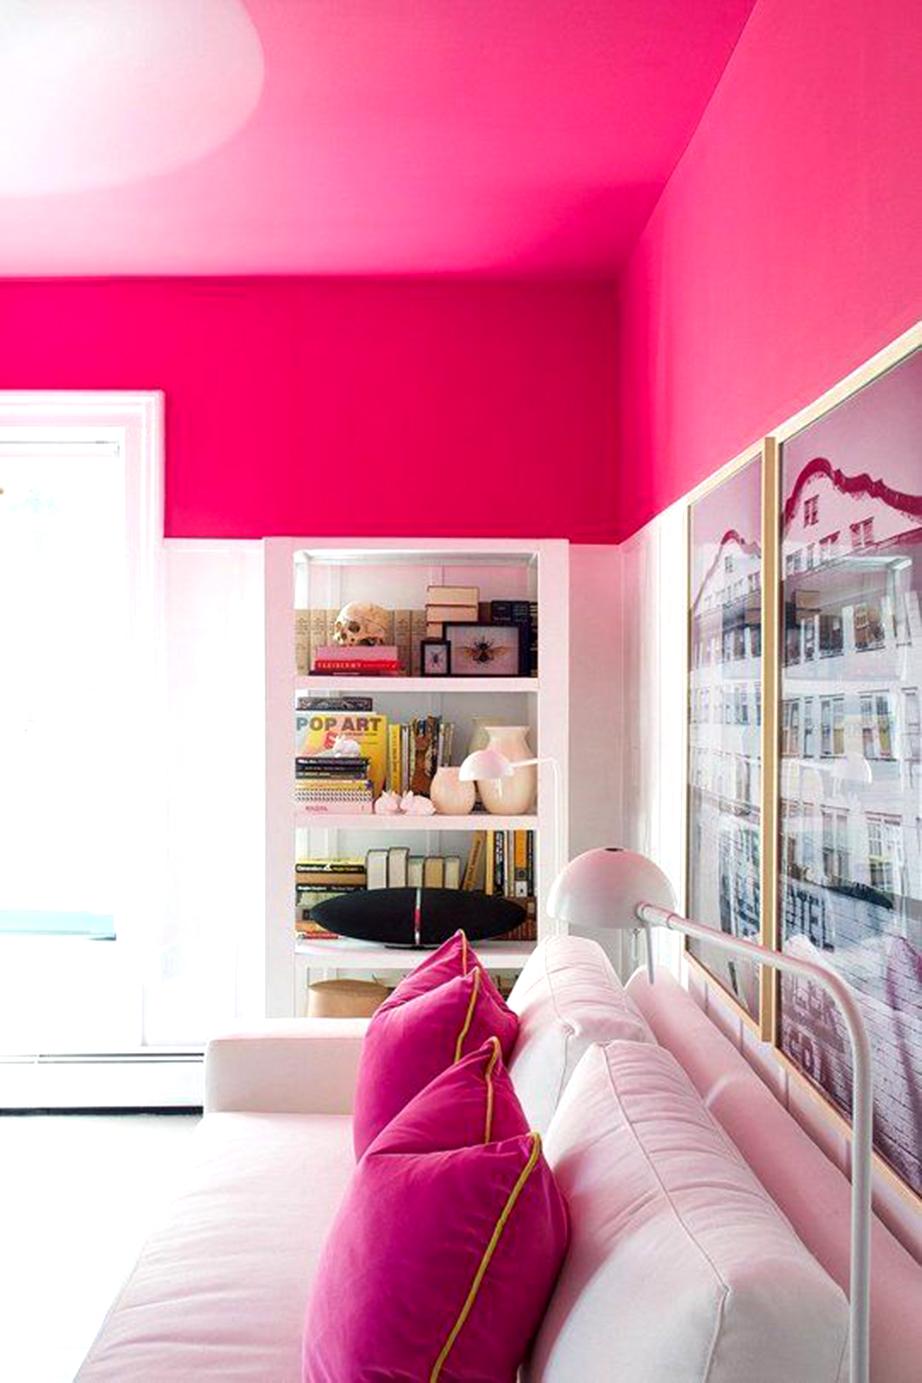 Βάλτε χρώμα στο ταβάνι.